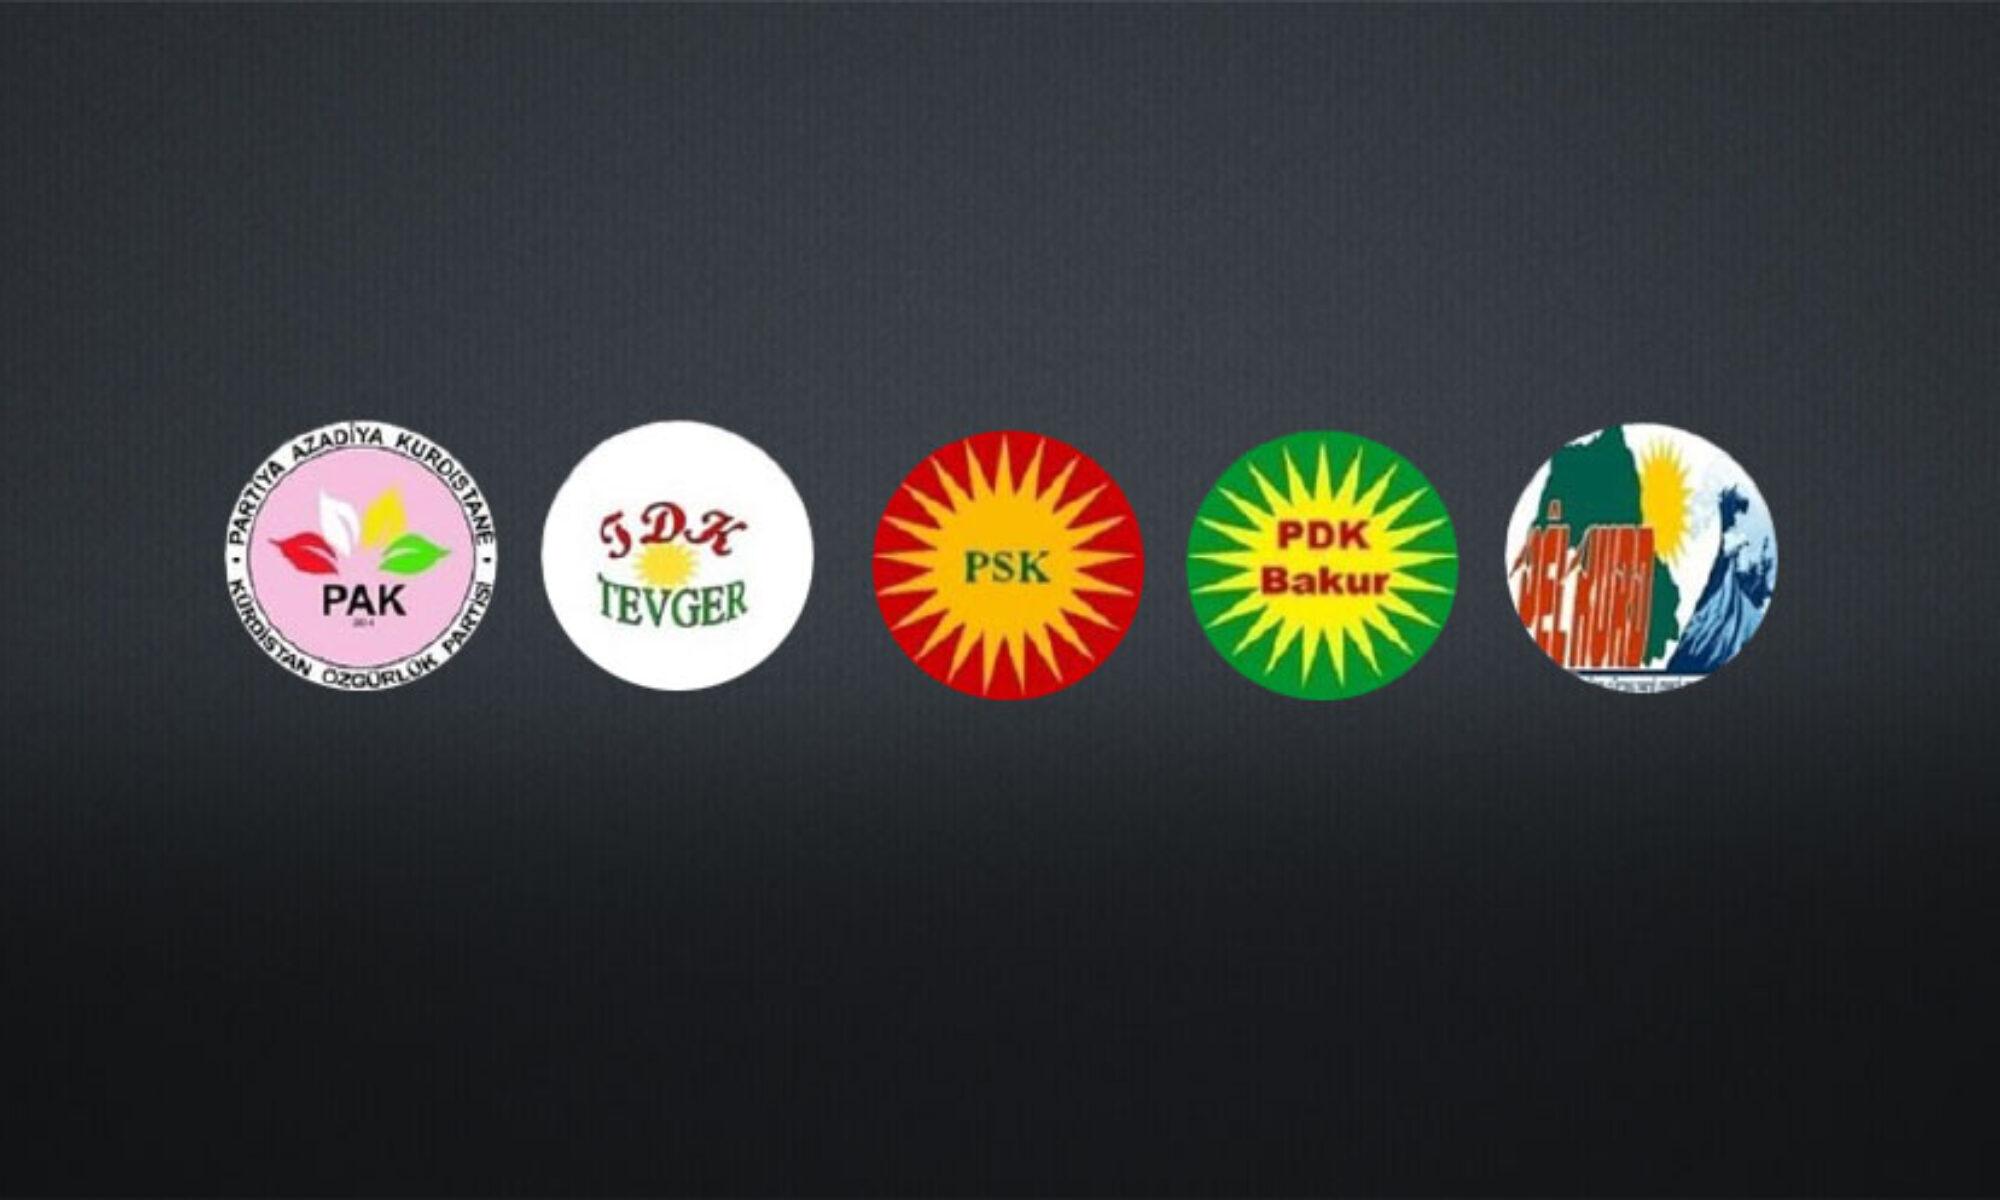 Beş Kürt örgütünden Türk operasyonlarına dönük açıklama: Amaç federasyonu ortadan kaldırma ve bu parçada devletleşmeyi önlemektir PELKURD , PAK, PDK Bakur, PSK, TEWGER